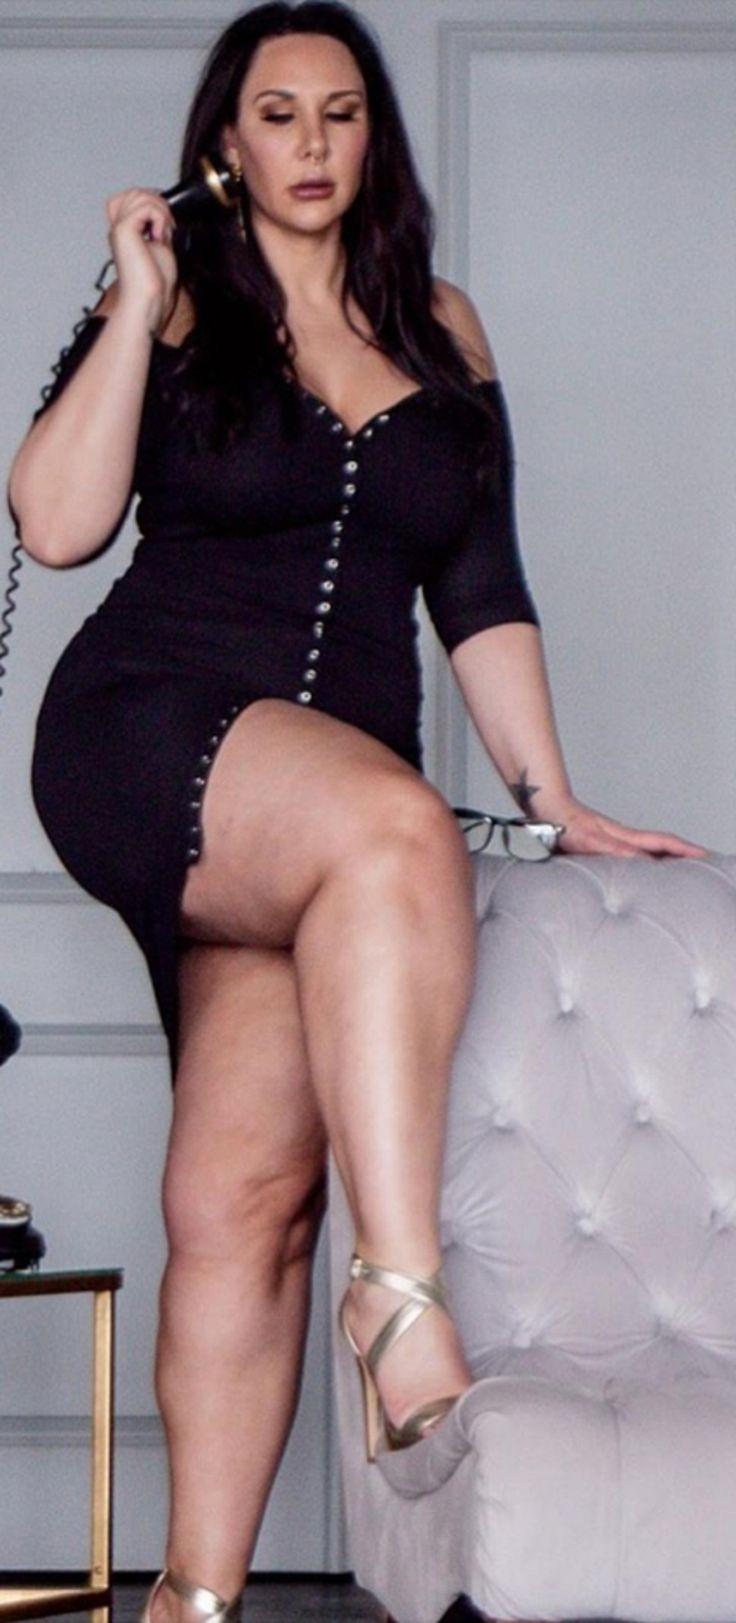 люблю девушек с толстыми ногами фото формами воспользоваться